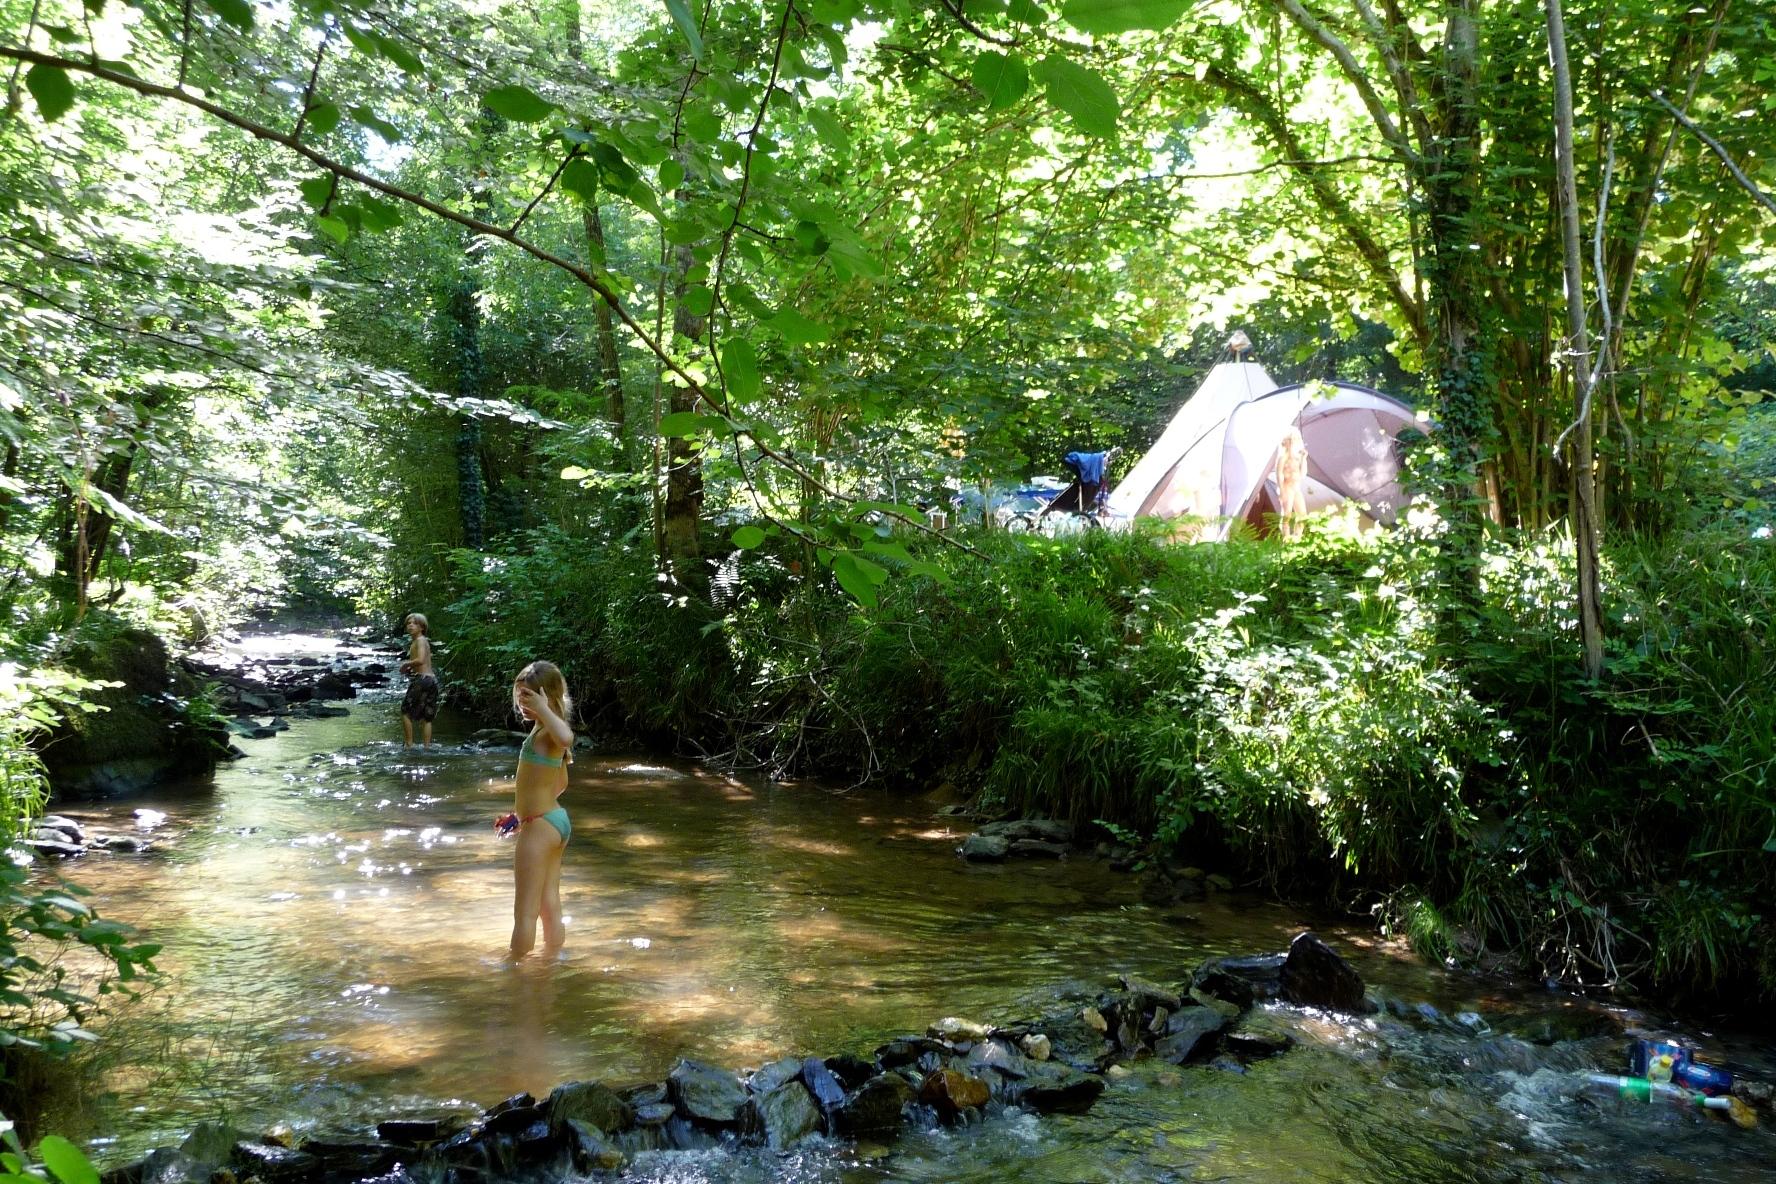 Frankrijk-La%20SalvetatPeyrales-Camping%20Moulin%20de%20Liort-ExtraLarge Campings Frankrijk